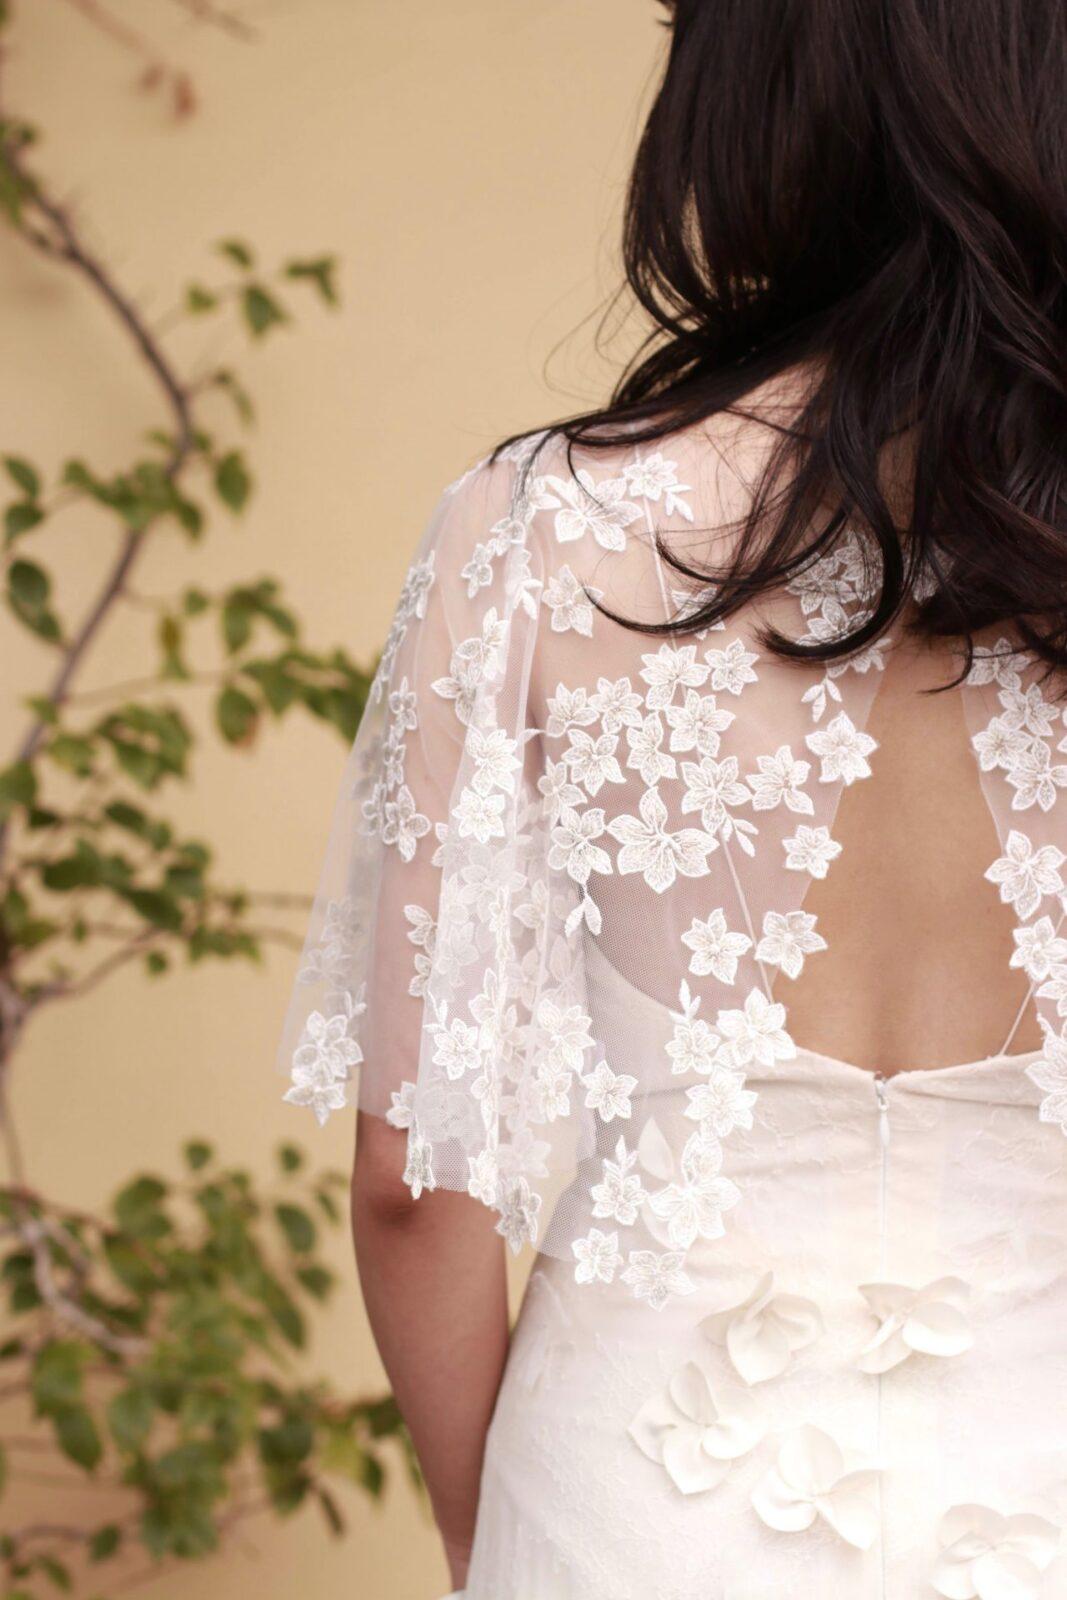 トレンドのスパゲティストラップのウェディングドレスに、トリートメゾンの小花のケープのようなボレロを合わせたおしゃれなコーディネート。